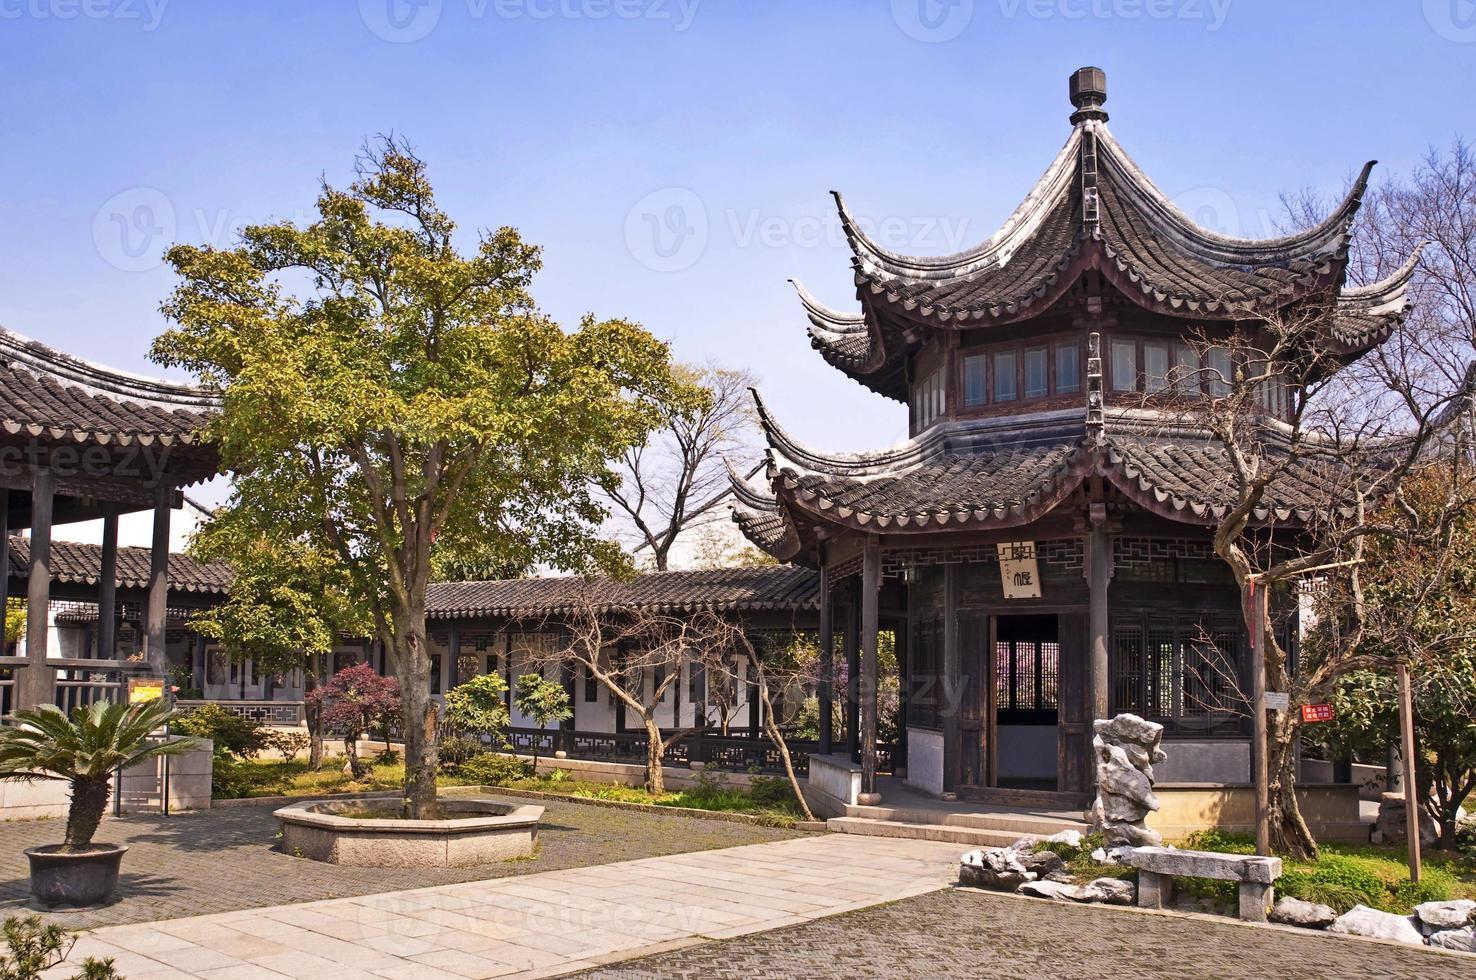 Hongyin Mountain Villa en Mudu, Suzhou, China foto